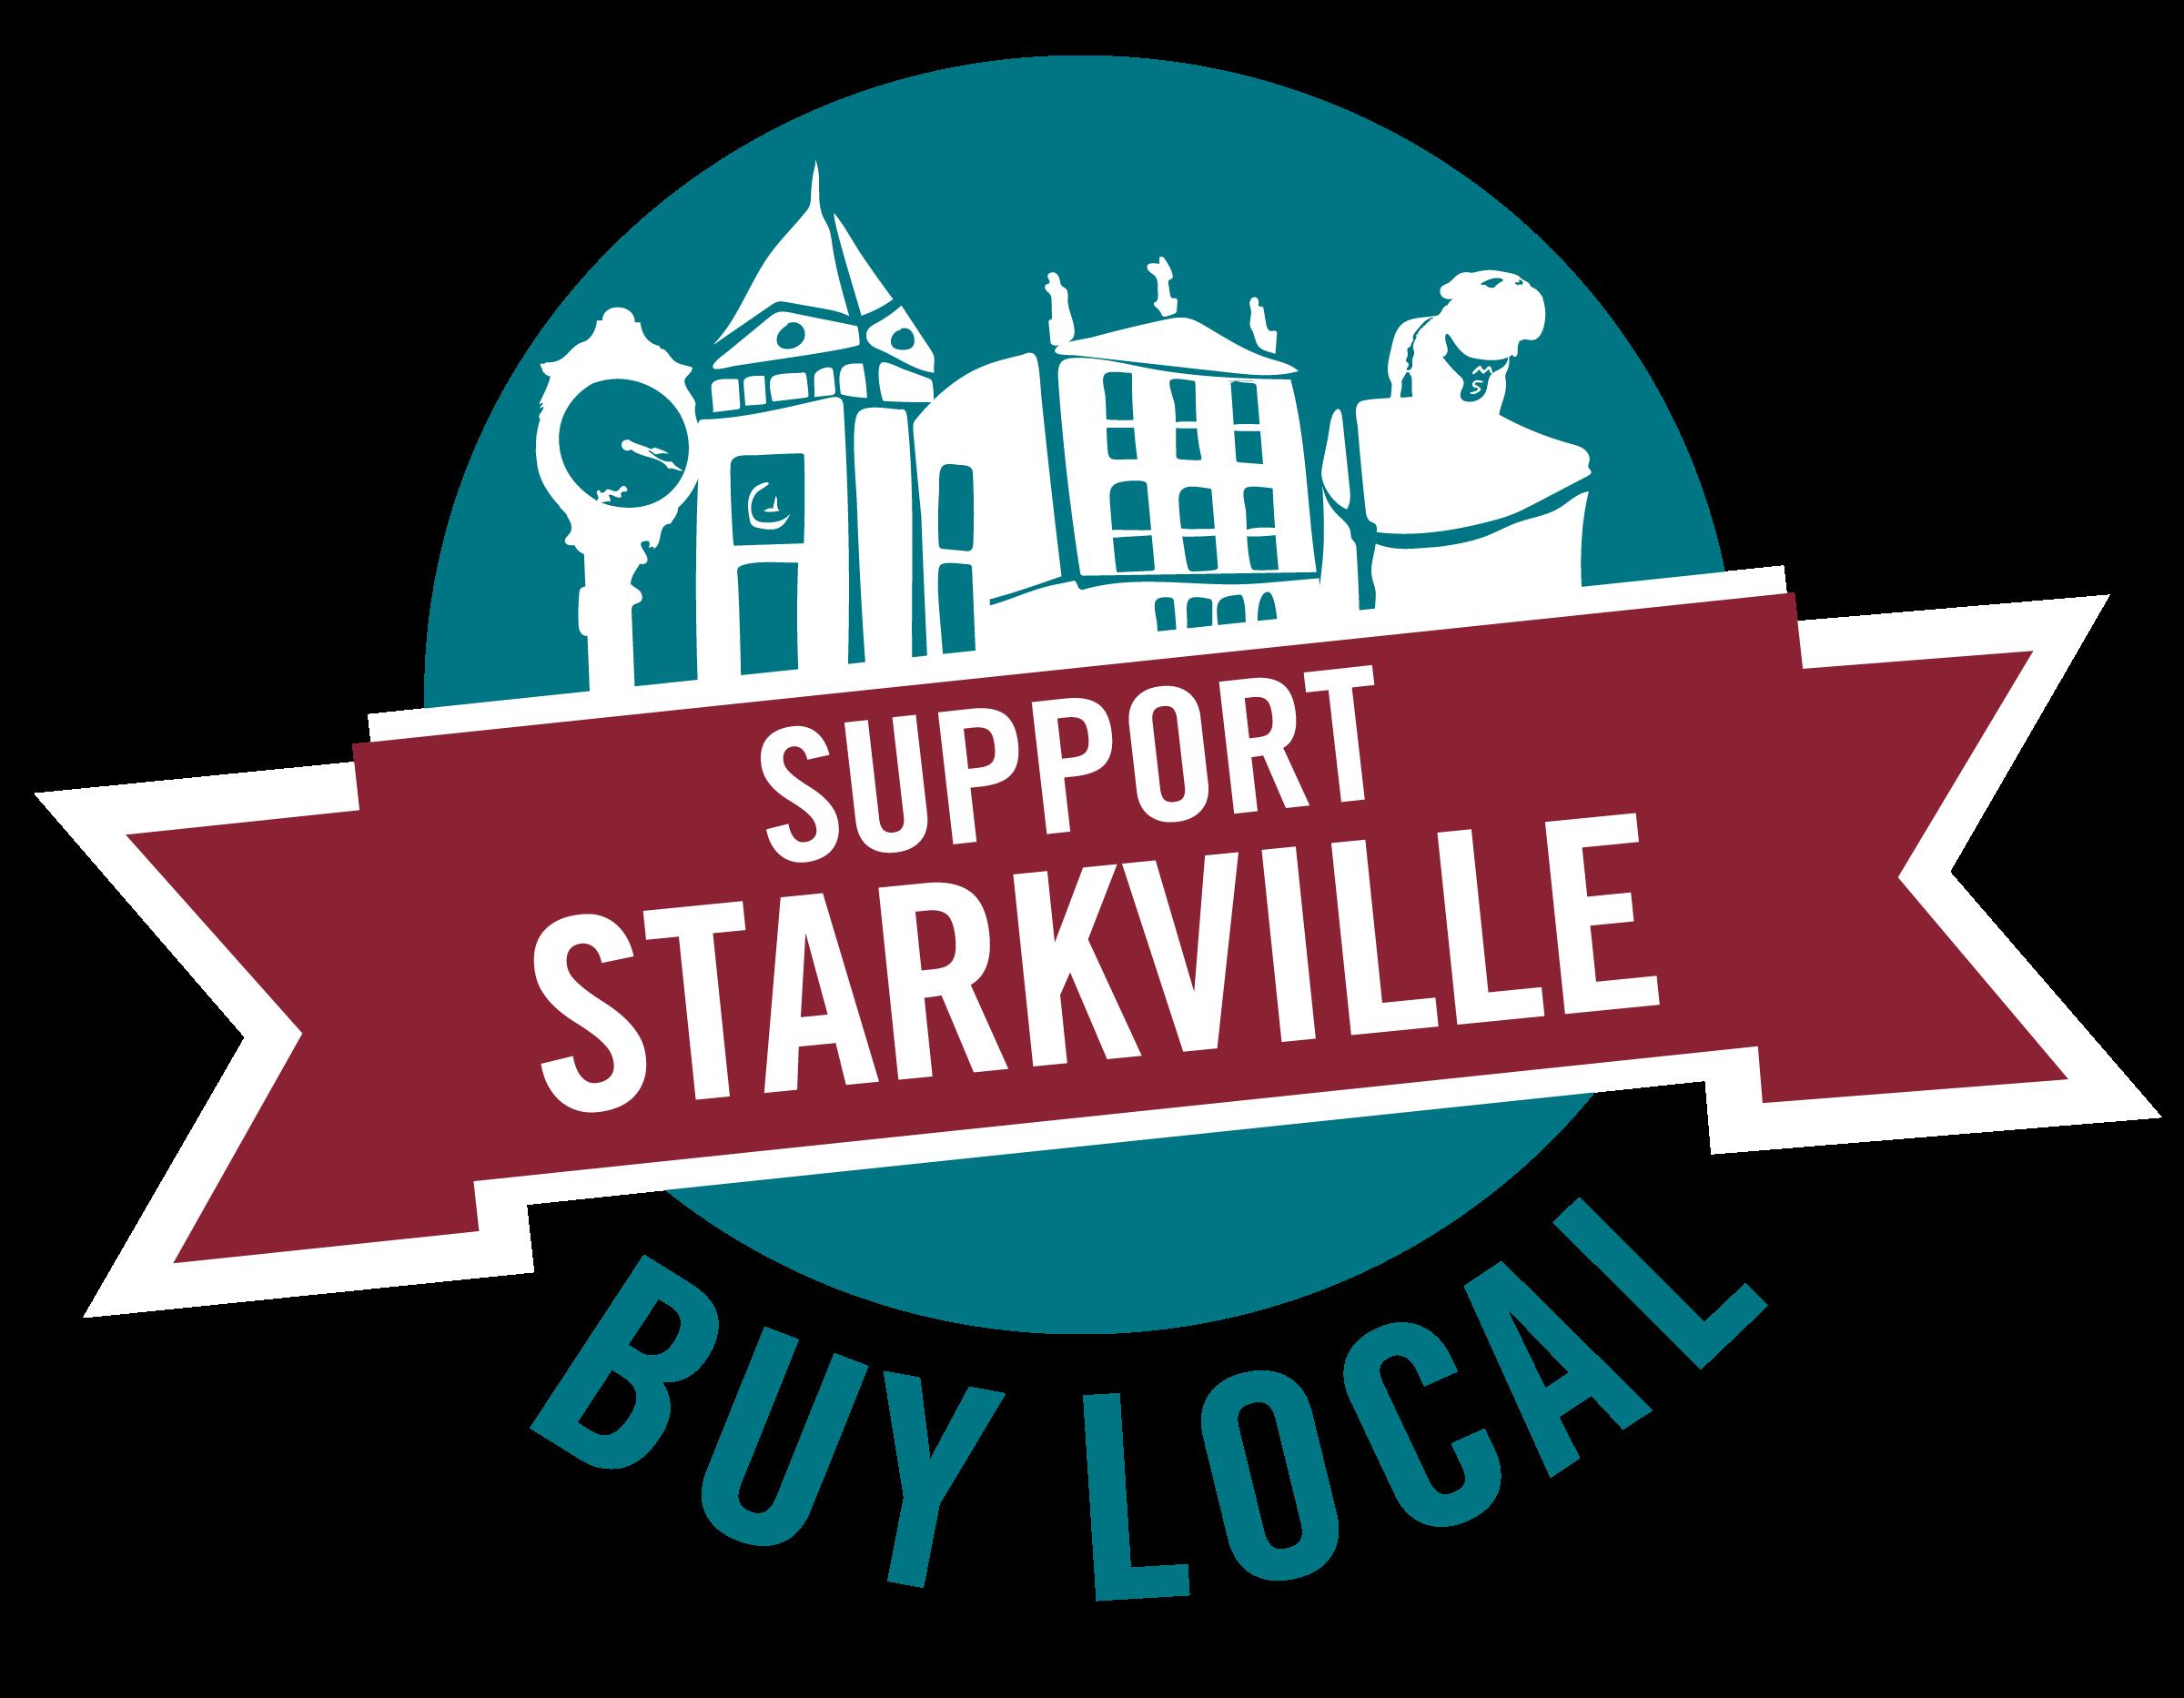 supportstarkville